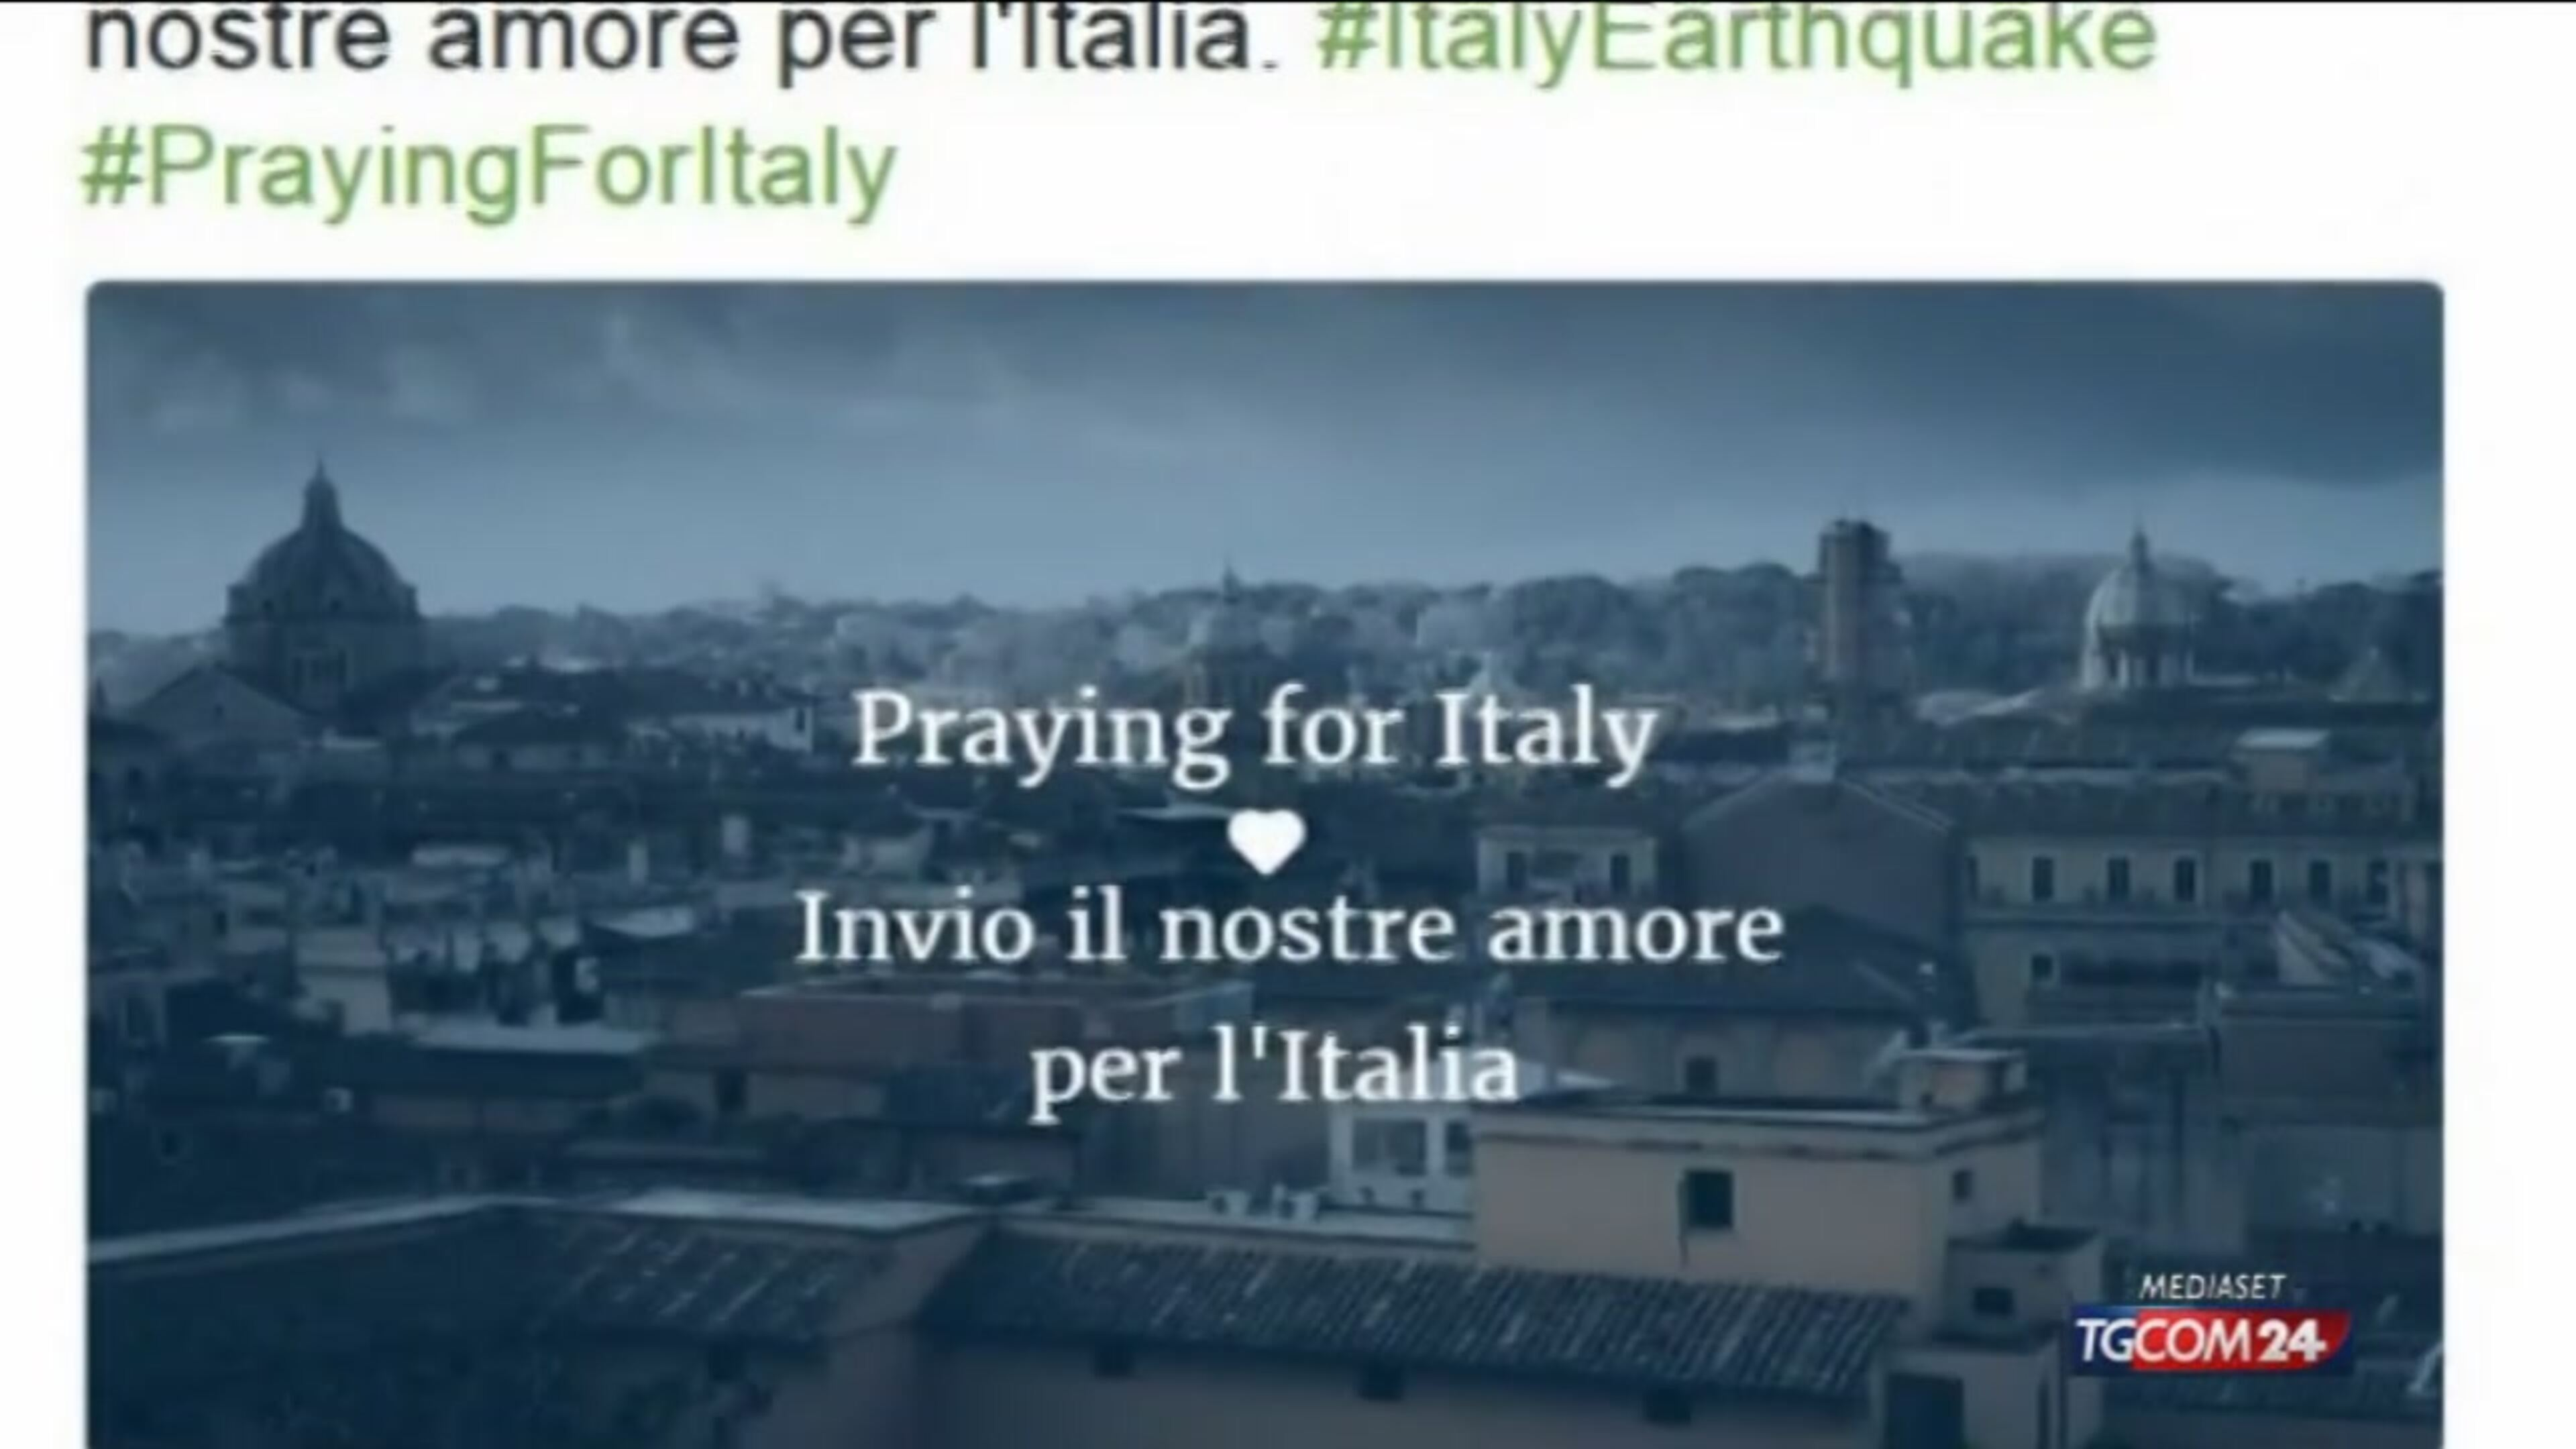 Terremoto: #PrayforItaly, la solidarietà del mondo